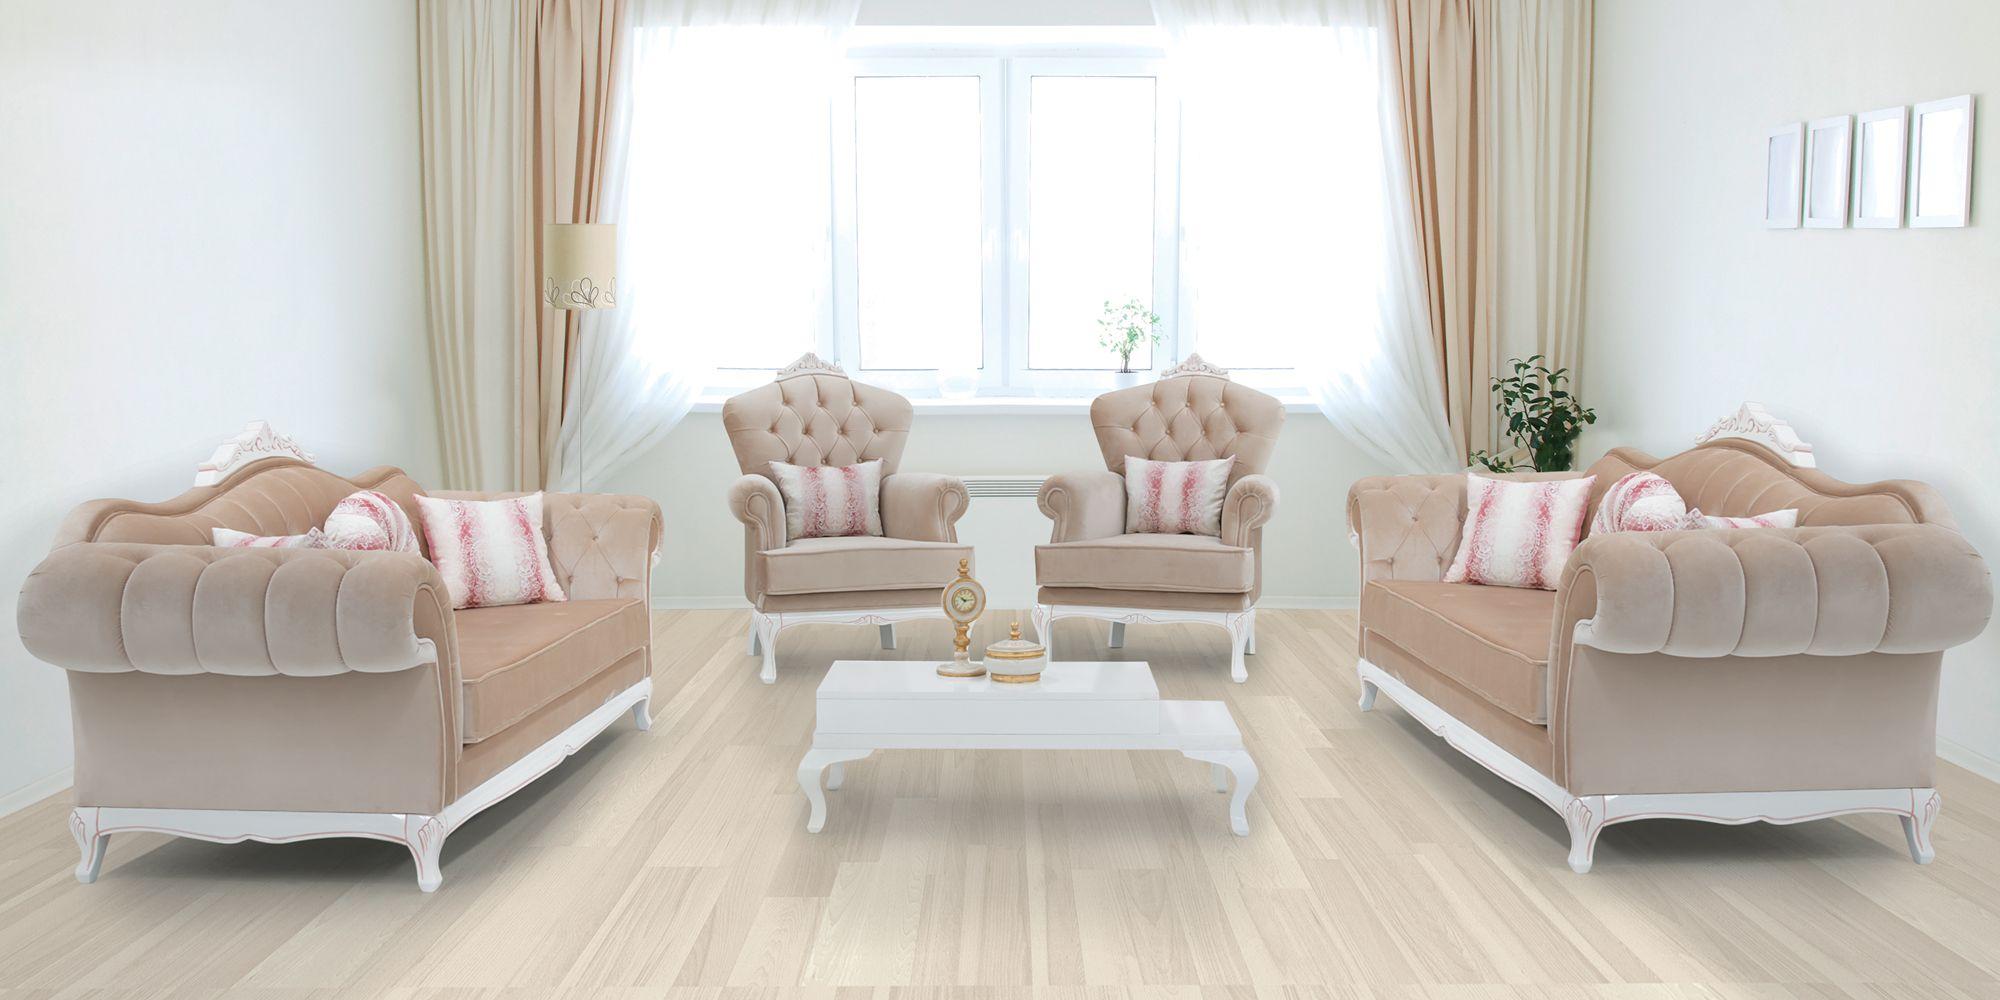 Pin By Rapsodi Koltuk Takimlari On Oda Furniture Home Decor Decor